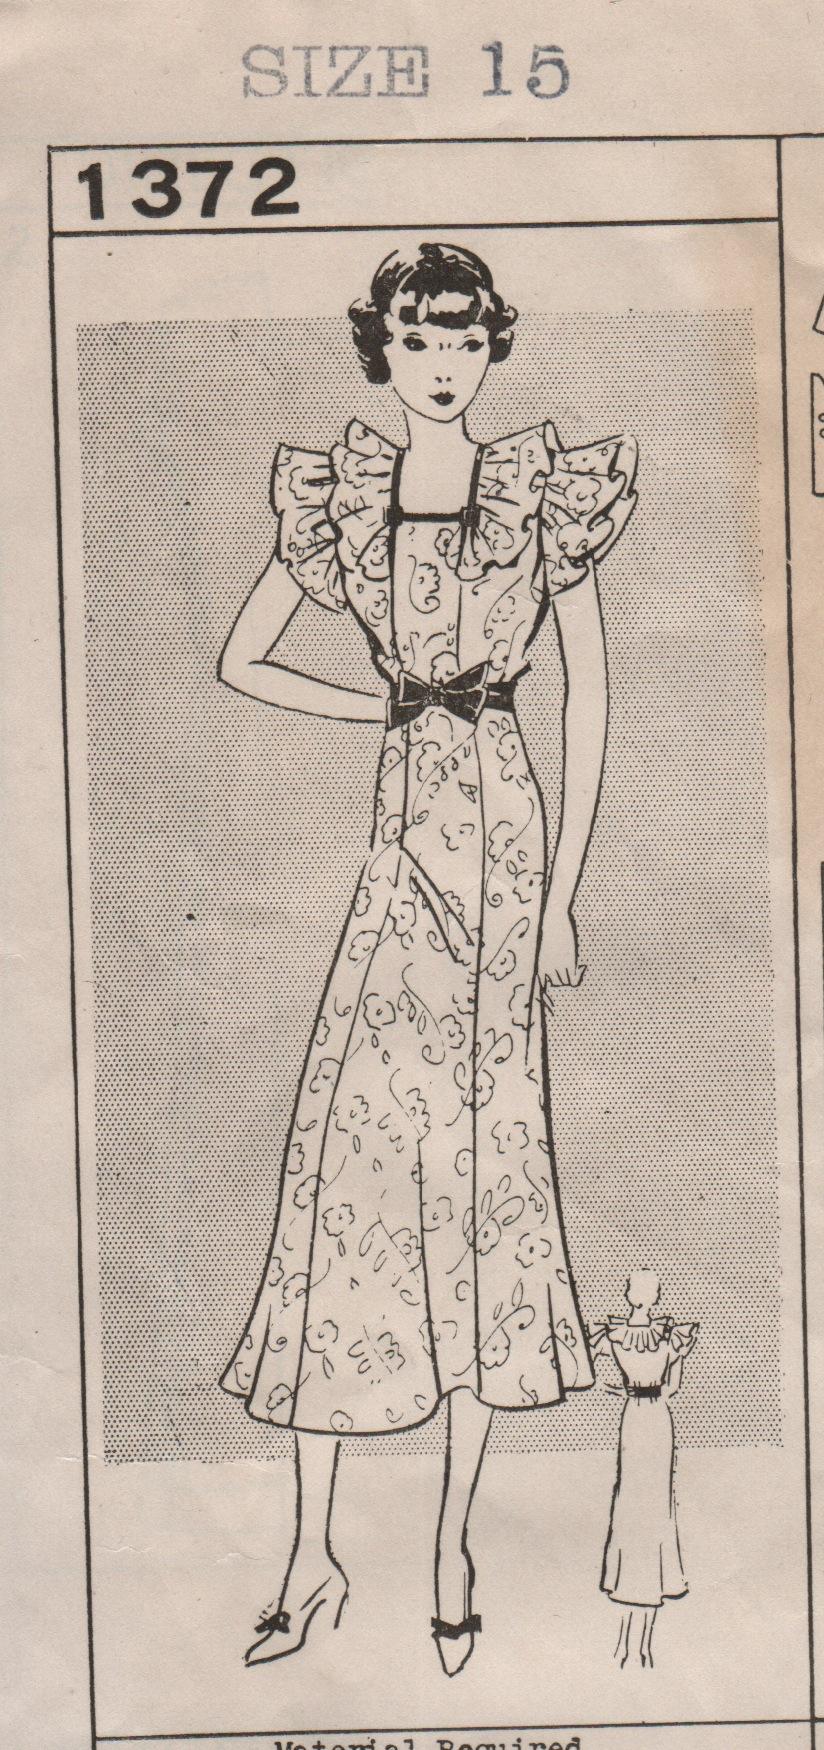 Barbara Bell 1372